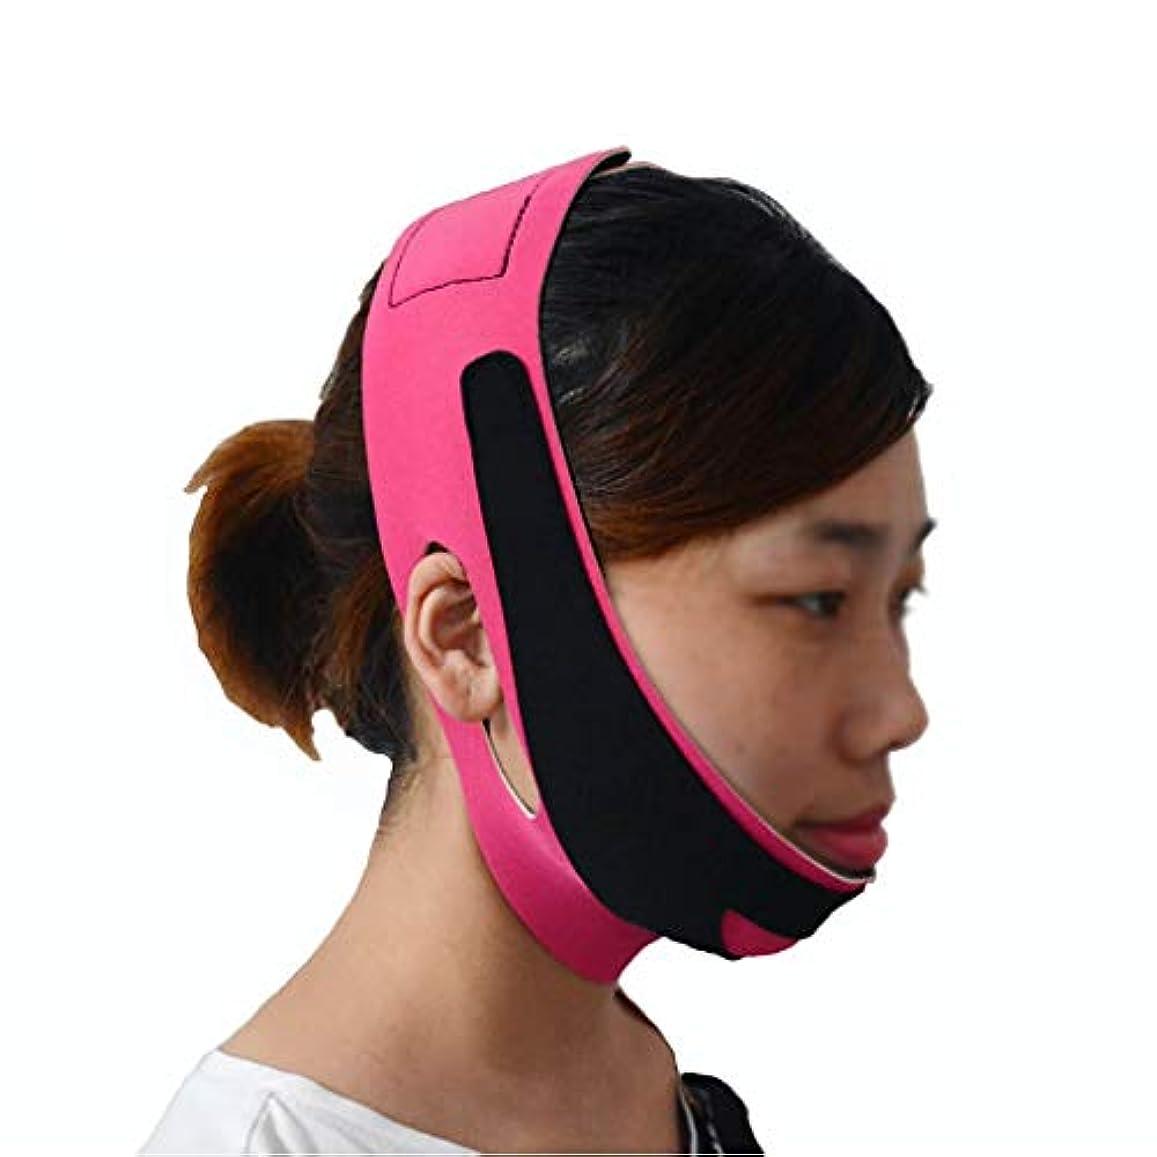 XHLMRMJ 顔面マスク、顔面リフトマスク薄い顔をあごに薄く包帯V顔アーティファクトに直面する